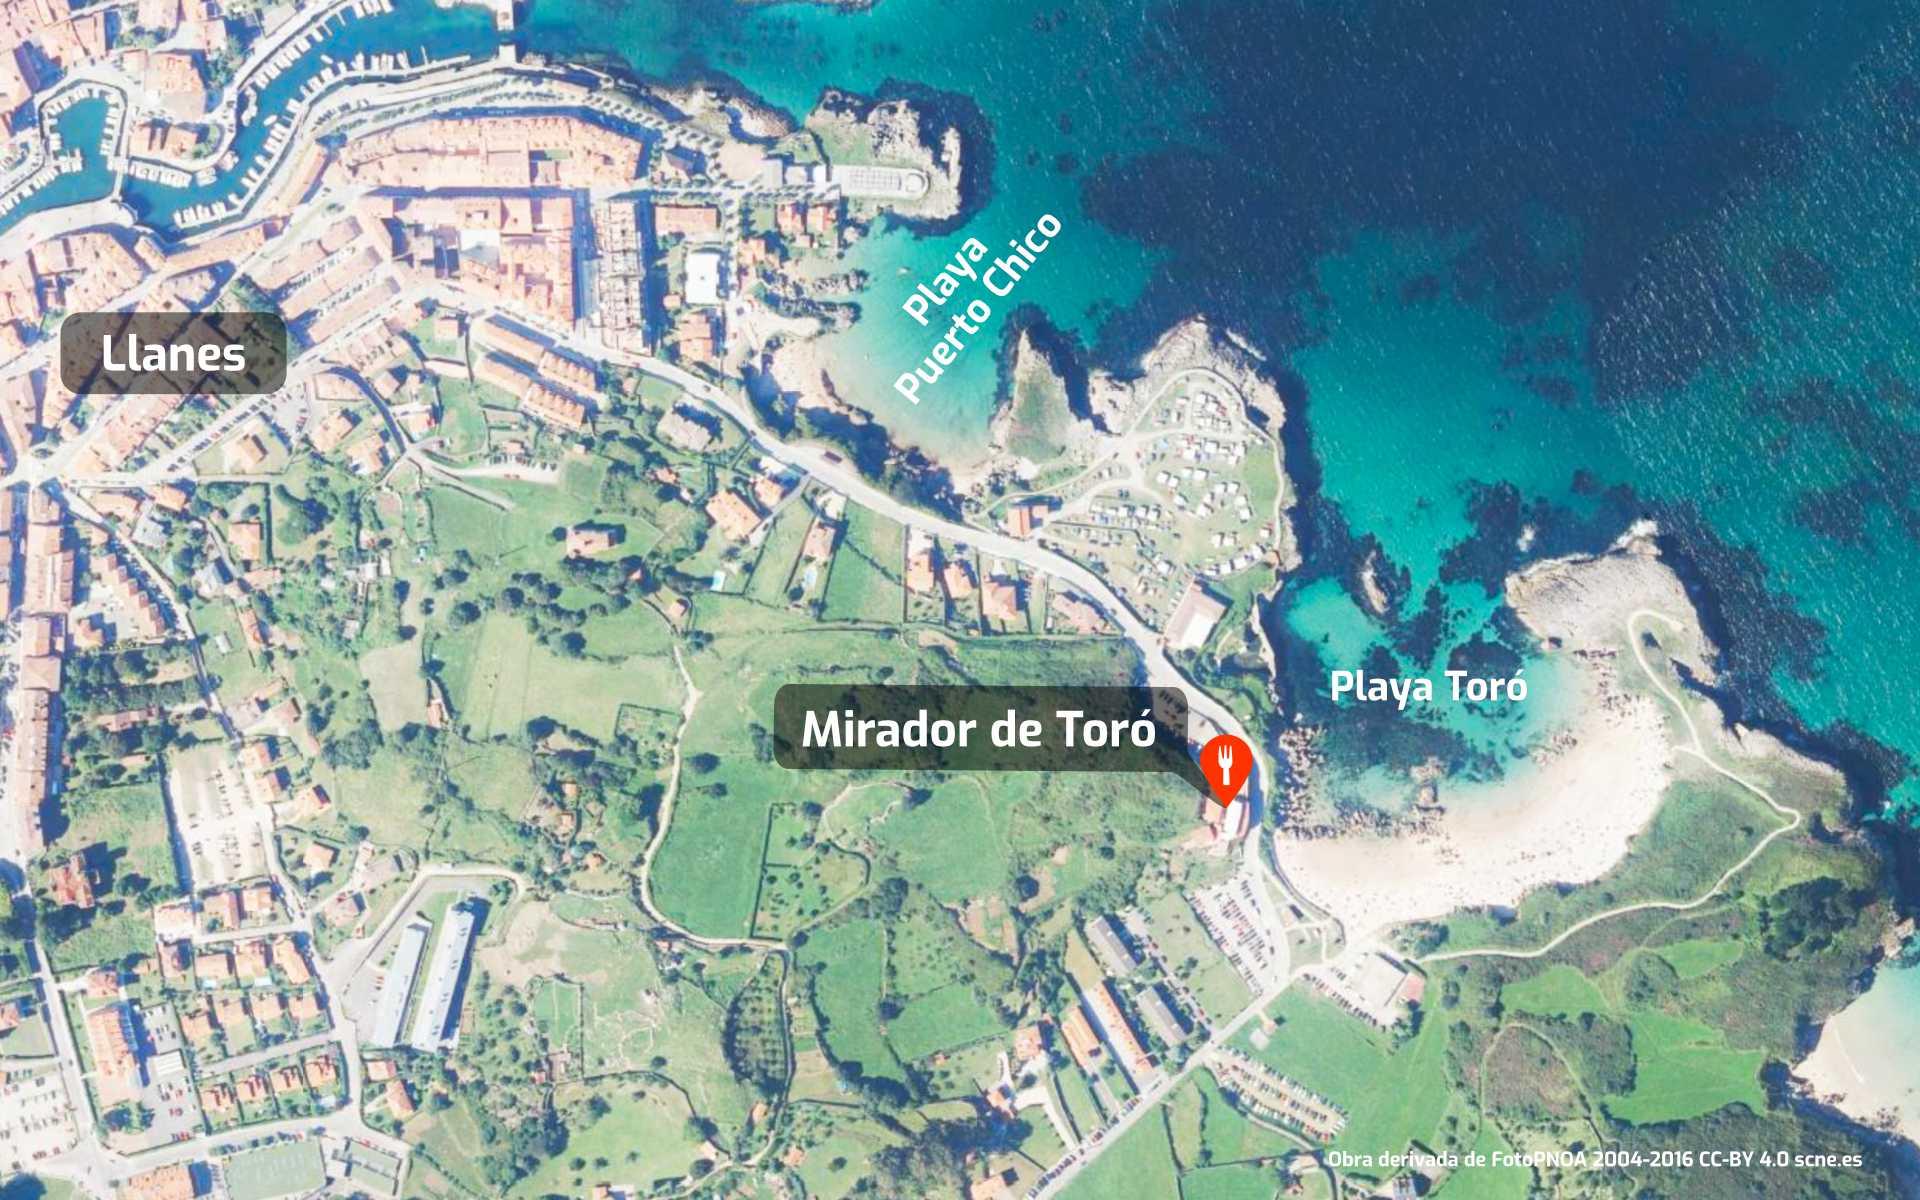 Mapa de cómo llegar al restaurante Mirador de Toró en Llanes, Asturias